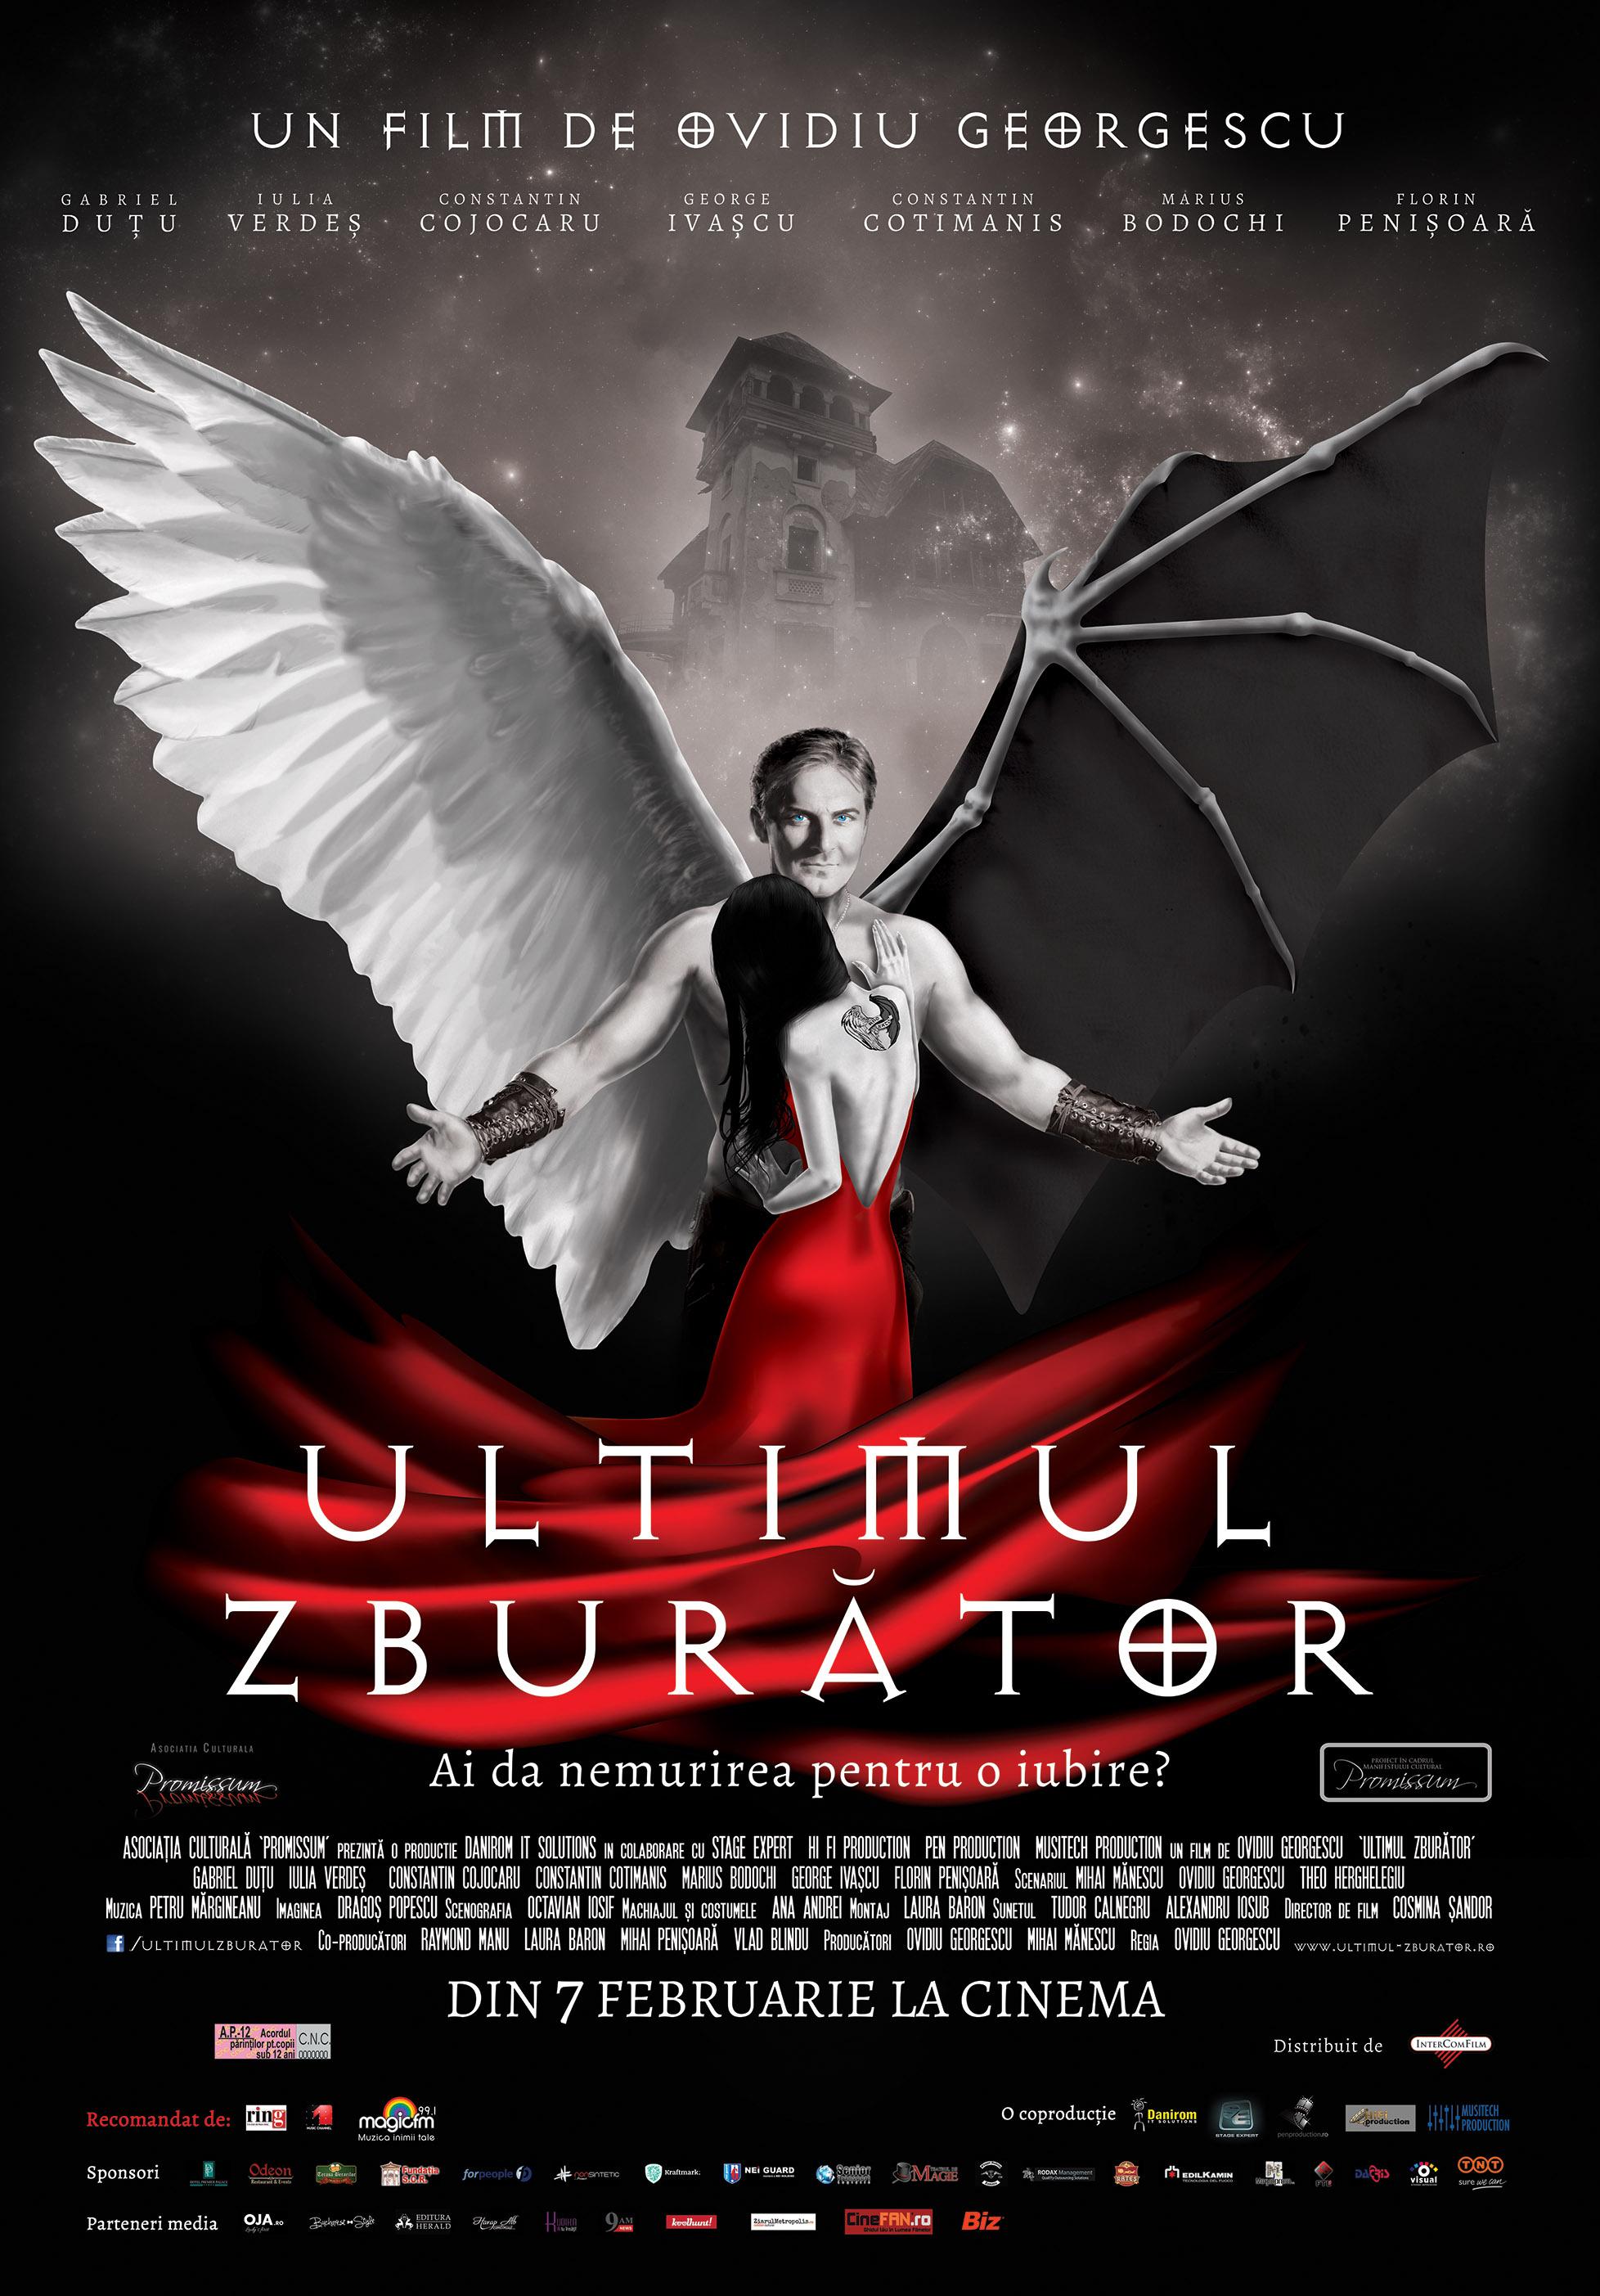 Ultimul zburător (2013) - Photo